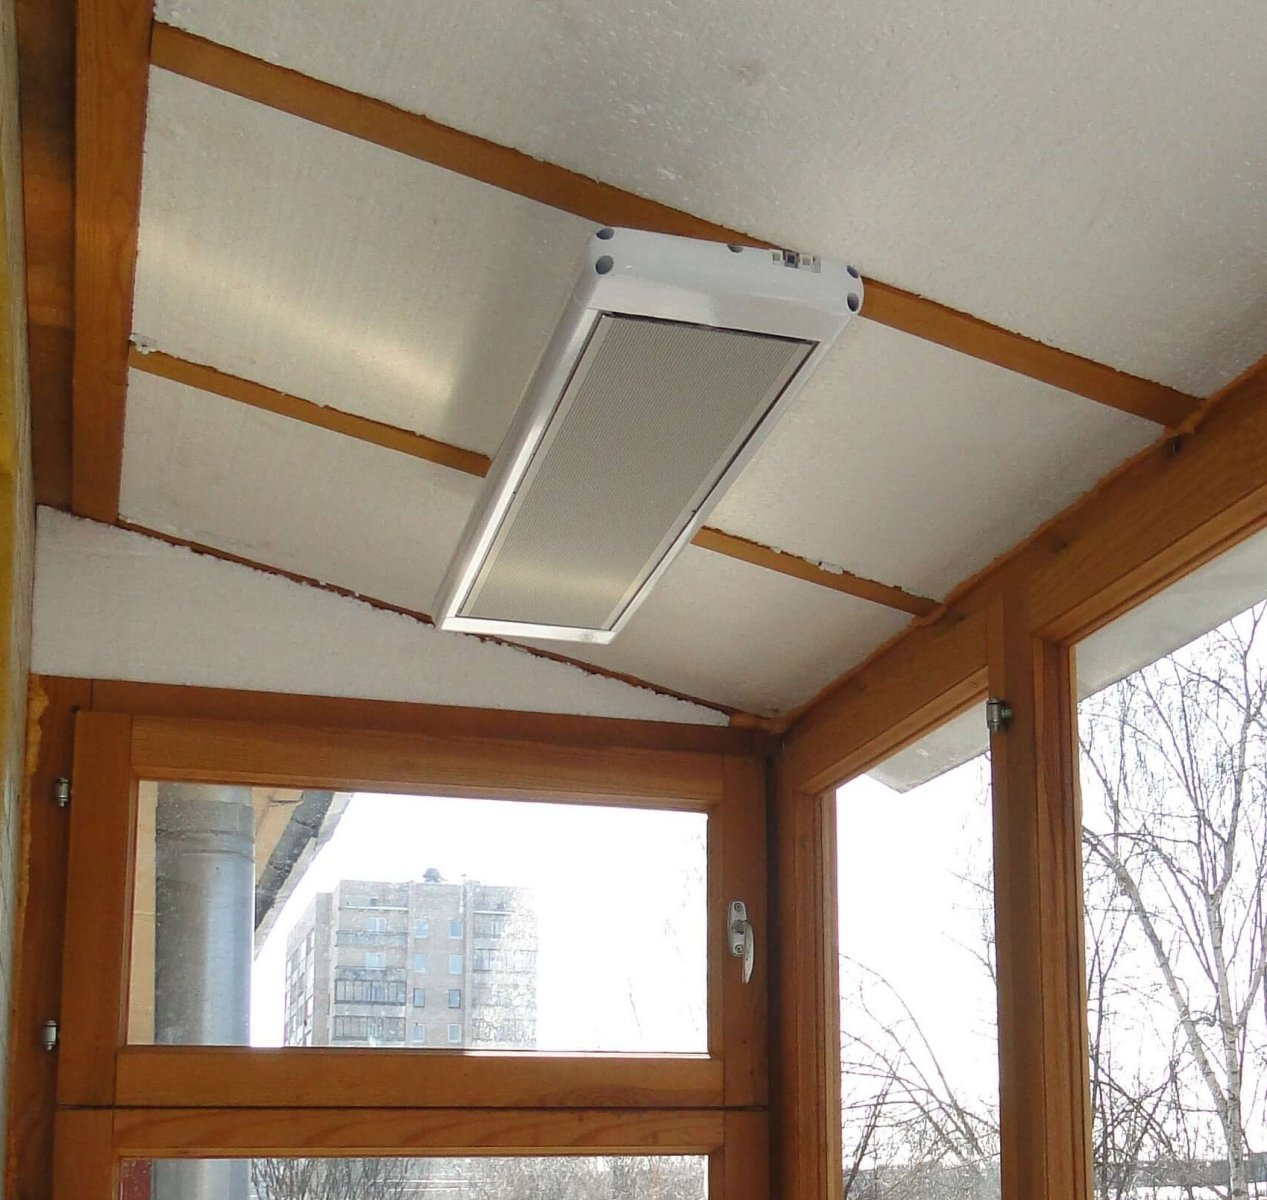 Инфракрасные потолочные обогреватели Алмак: принцип работы и преимущества применения, популярные модели